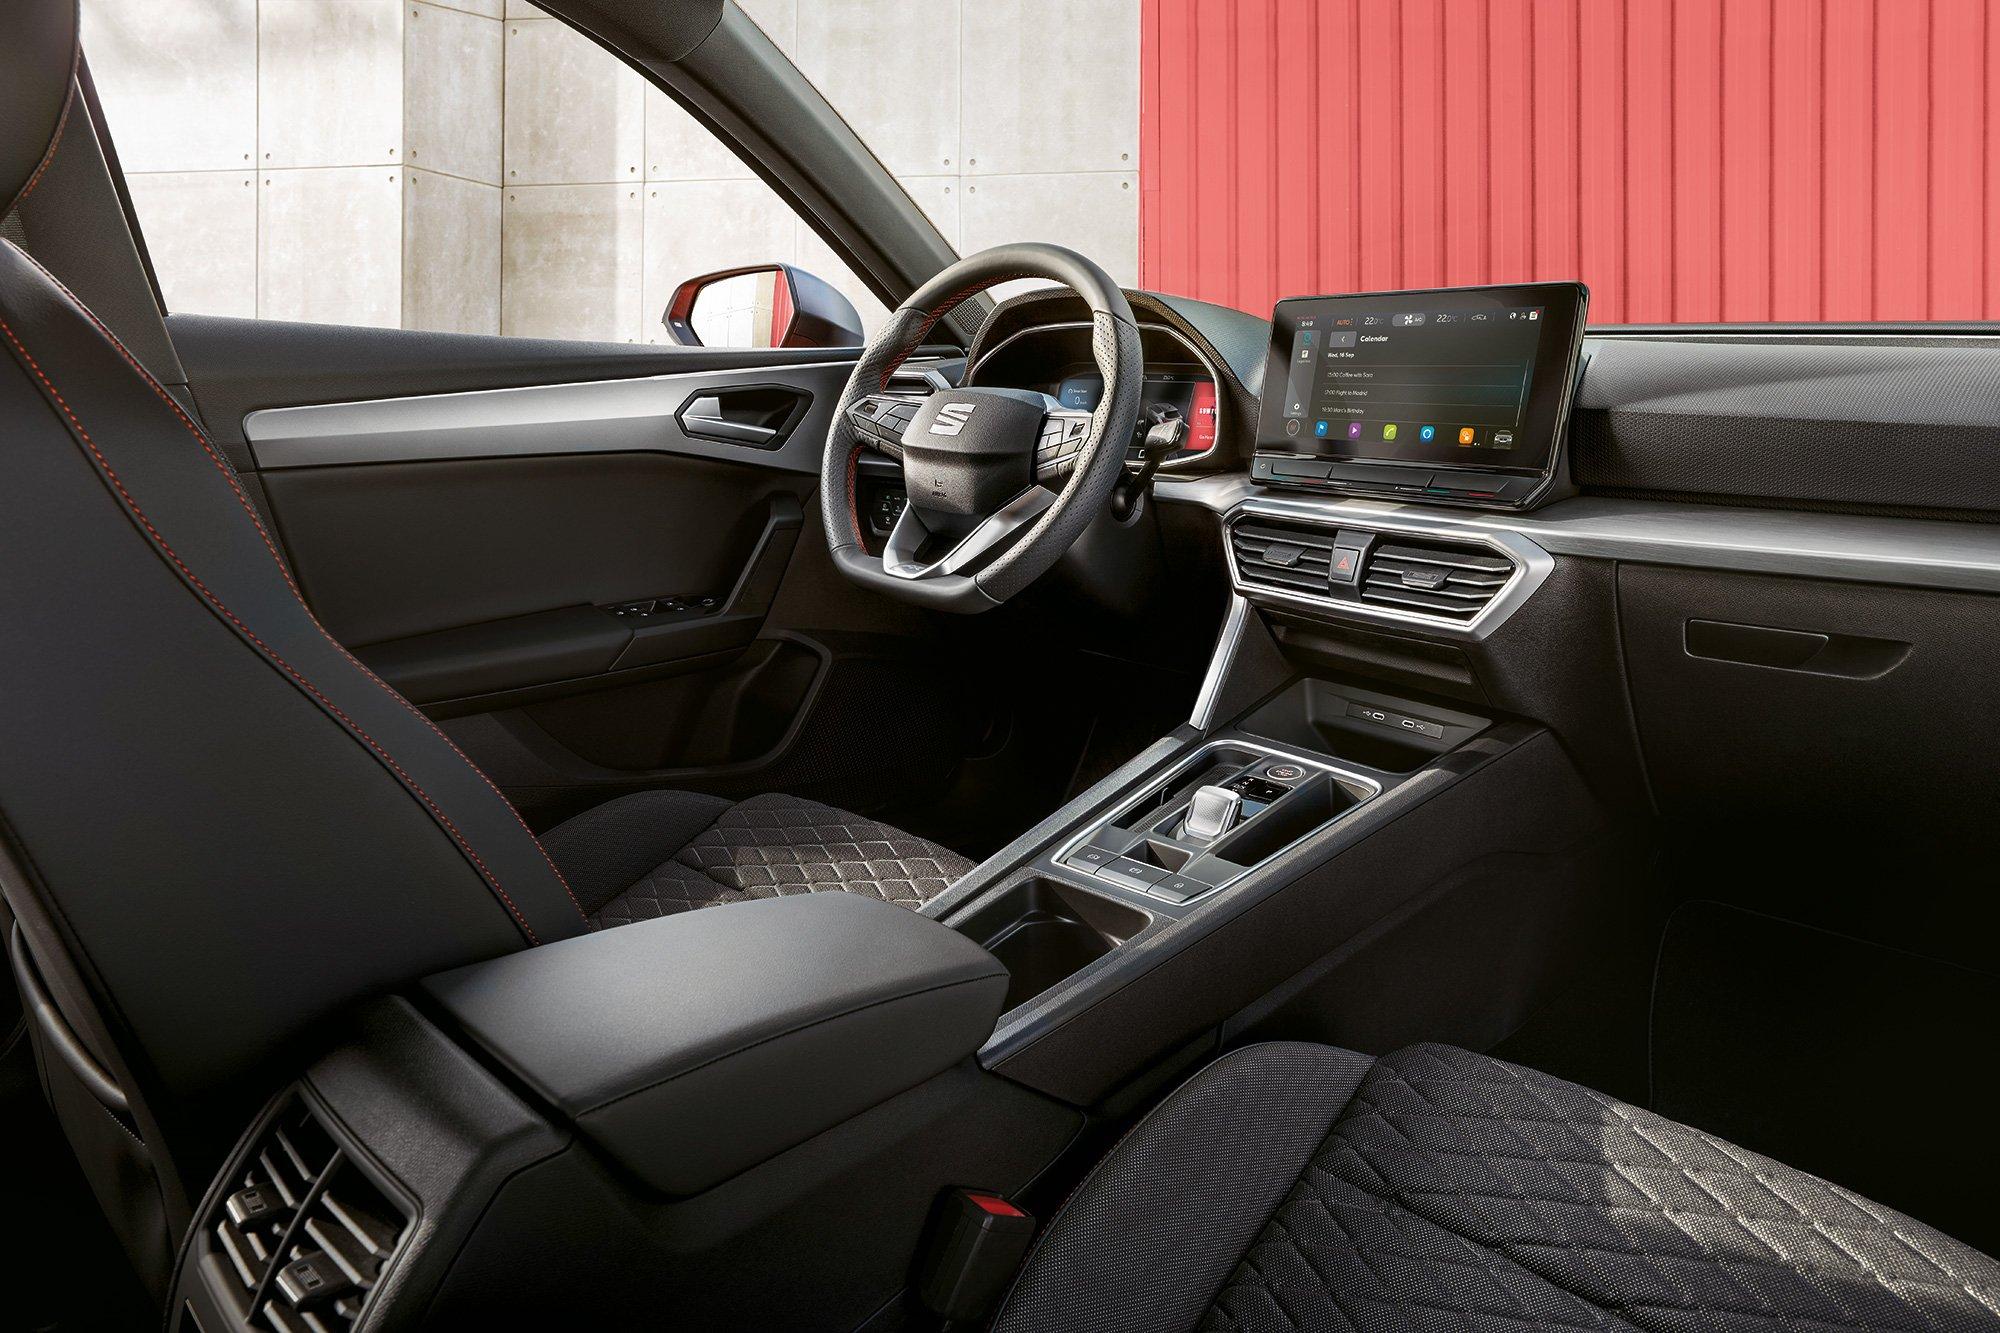 Nuevo SEAT Leon 2021 interior